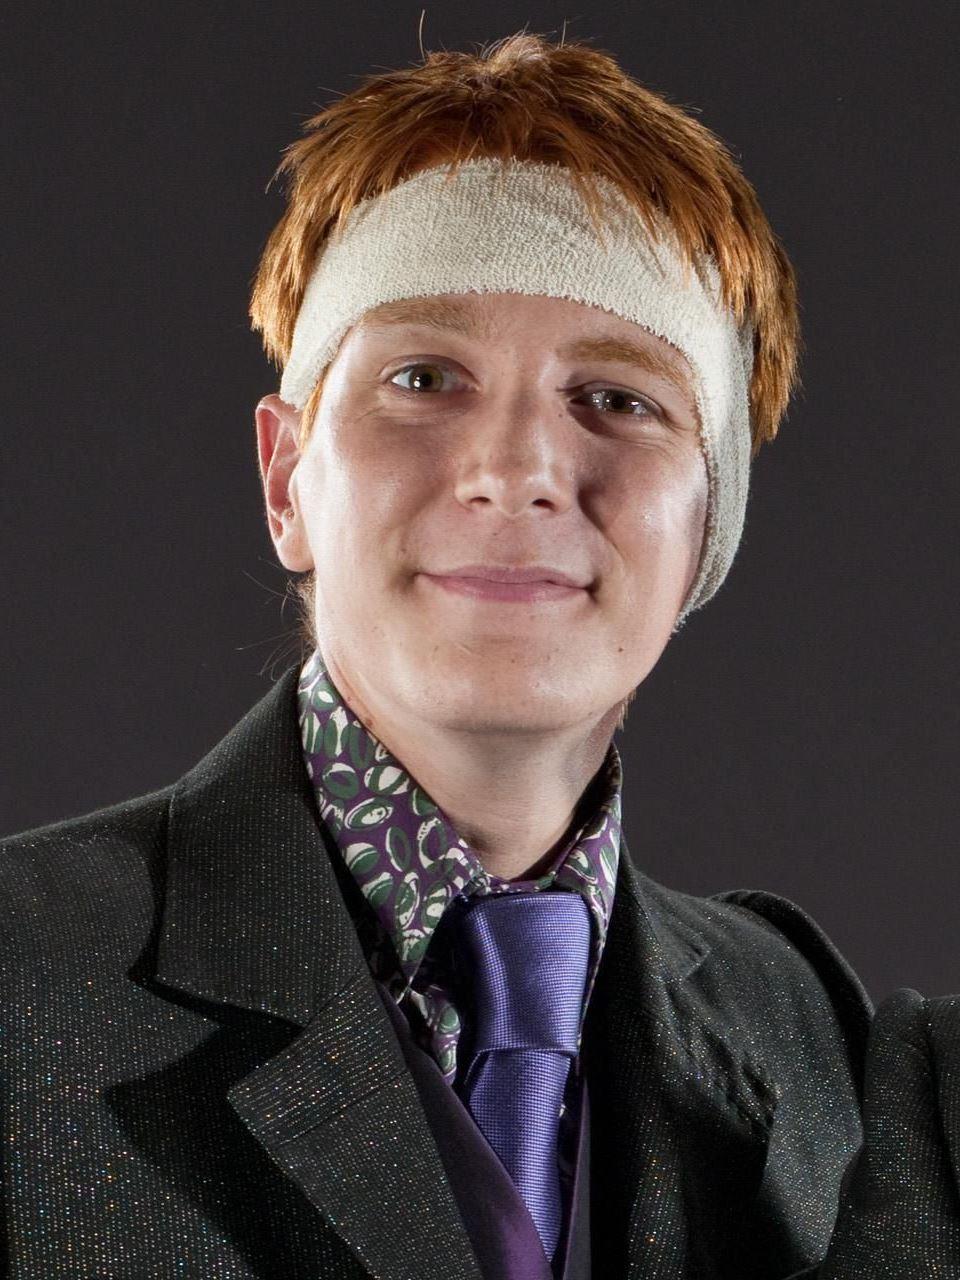 13. George Weasley - prankster na portalu YouTube; zarobki - 17 084 USD rocznie